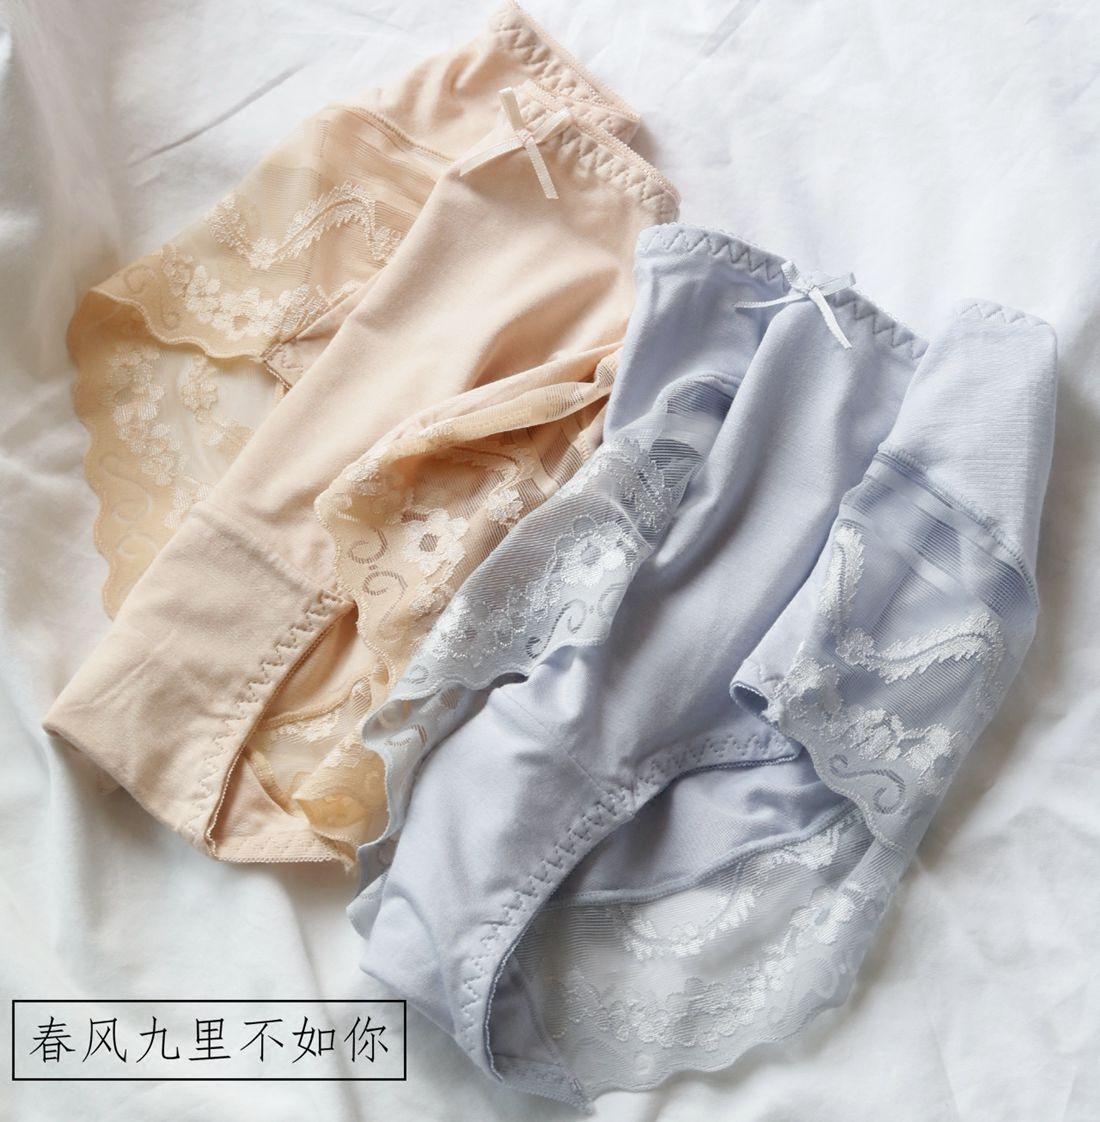 6件包邮蕾丝竹纤维透气立体莫代尔包臀无痕大码中腰三角女内裤